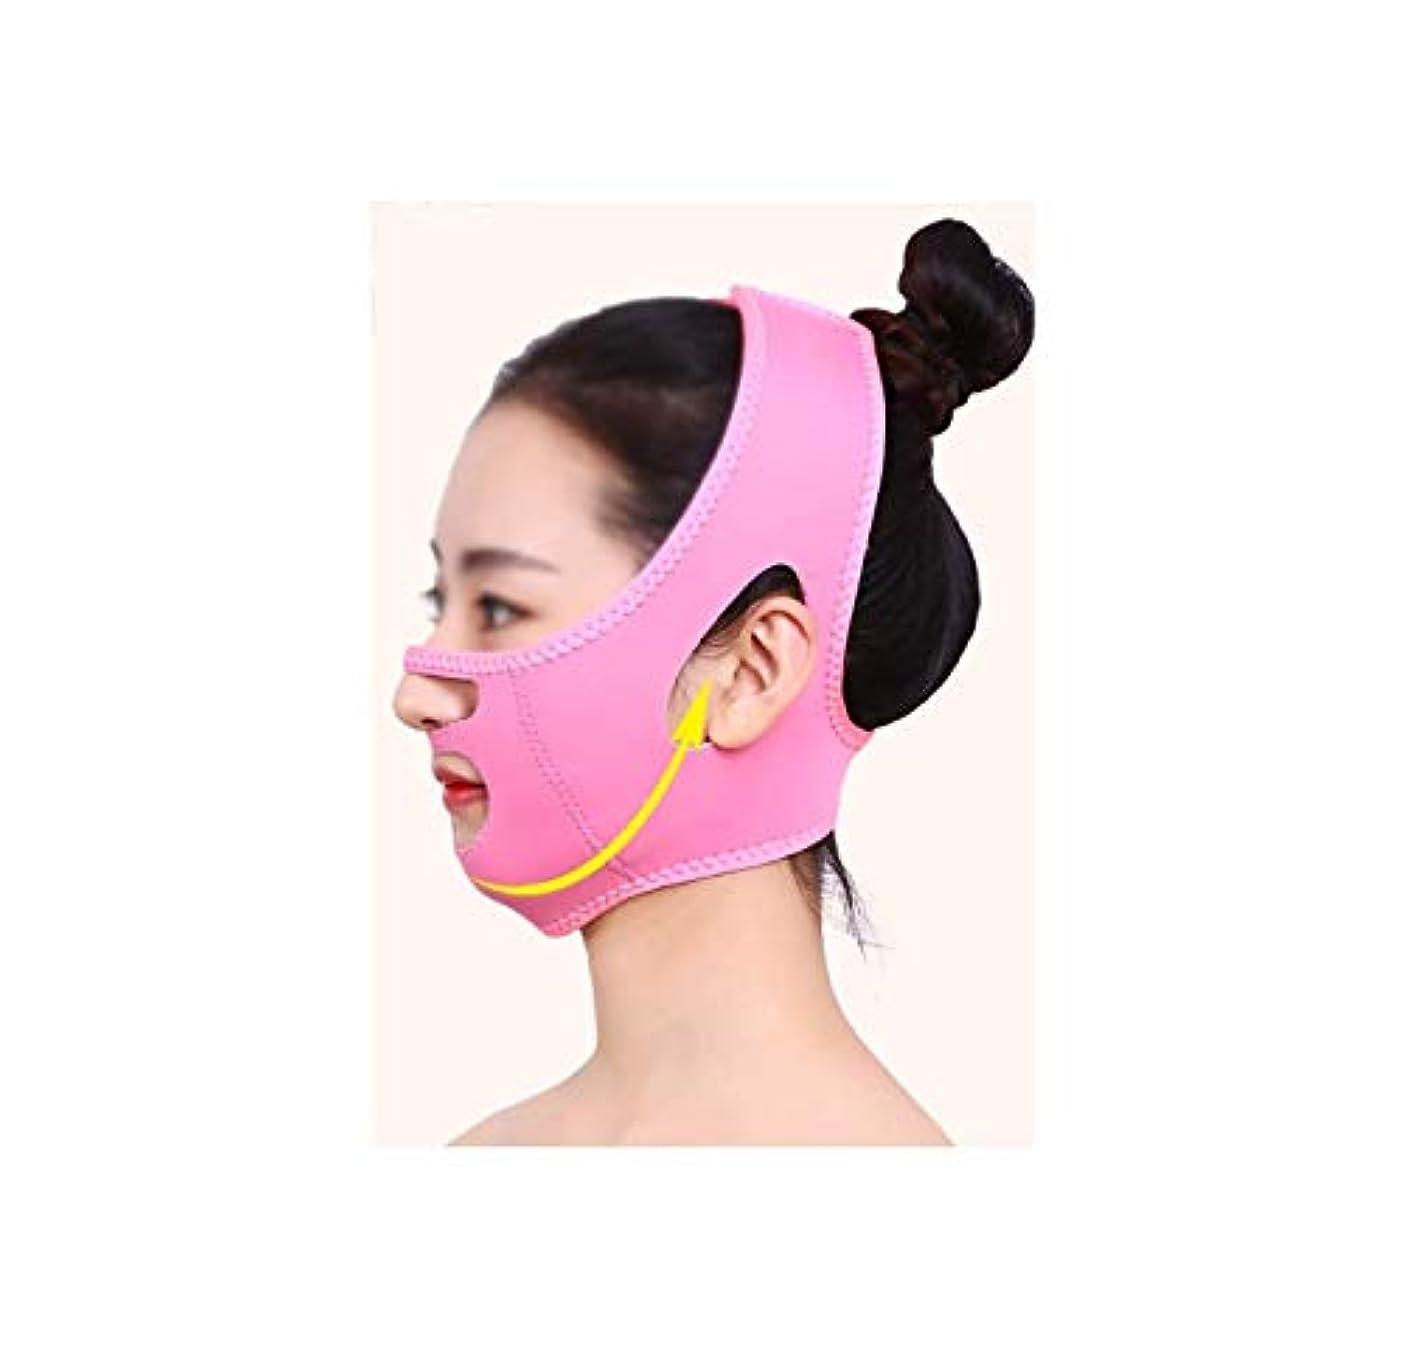 たらいカエルがっかりしたフェイスリフトマスク、フェイシャルマスク薄い顔マシン美容器具ローラー顔面薄い顔Vフェイスマスクダブルあご包帯アーティファクト